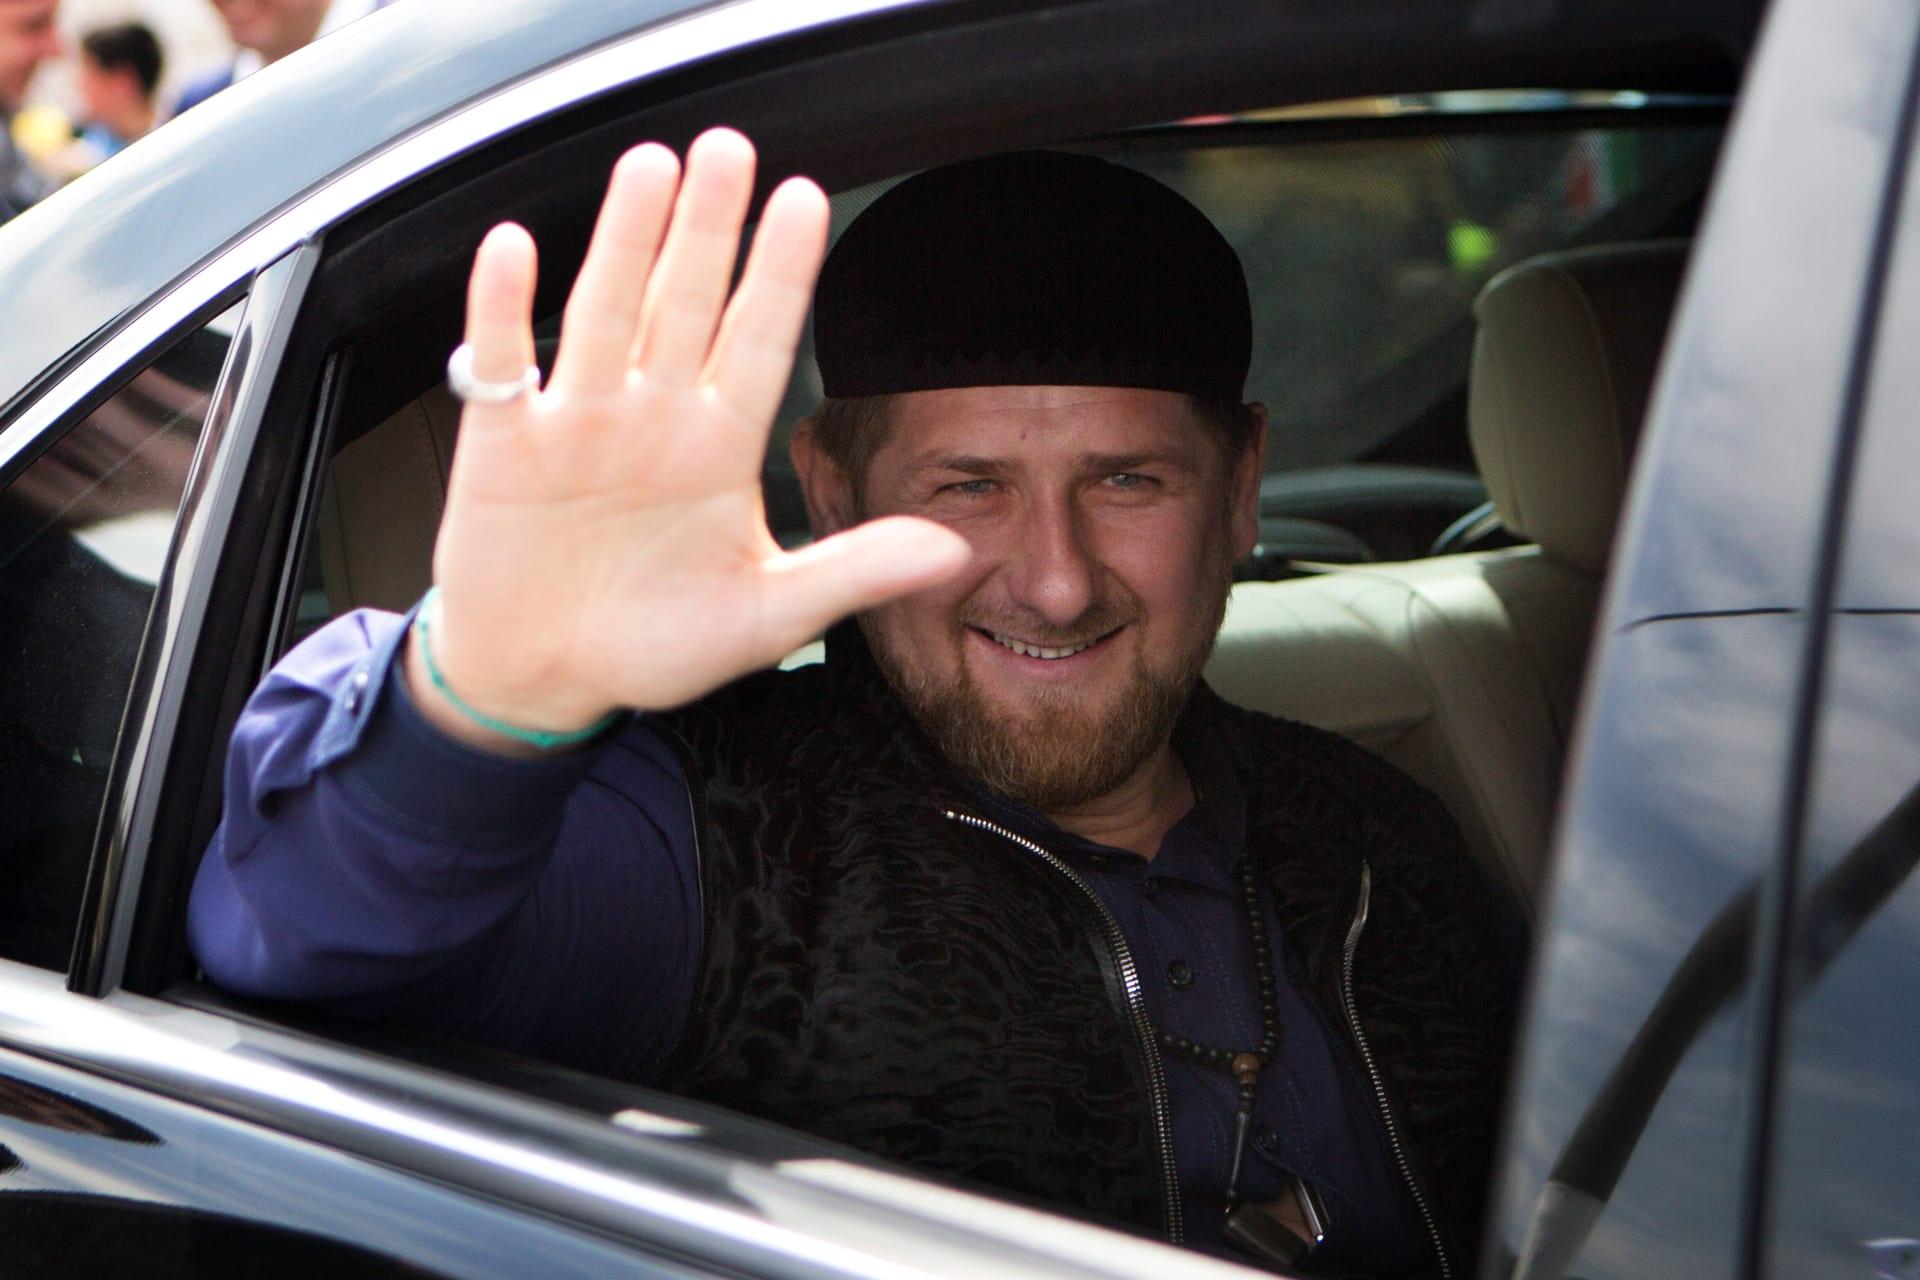 قديروف يزور محمد صلاح ويحضر أول تمرين لمصر في غروزني